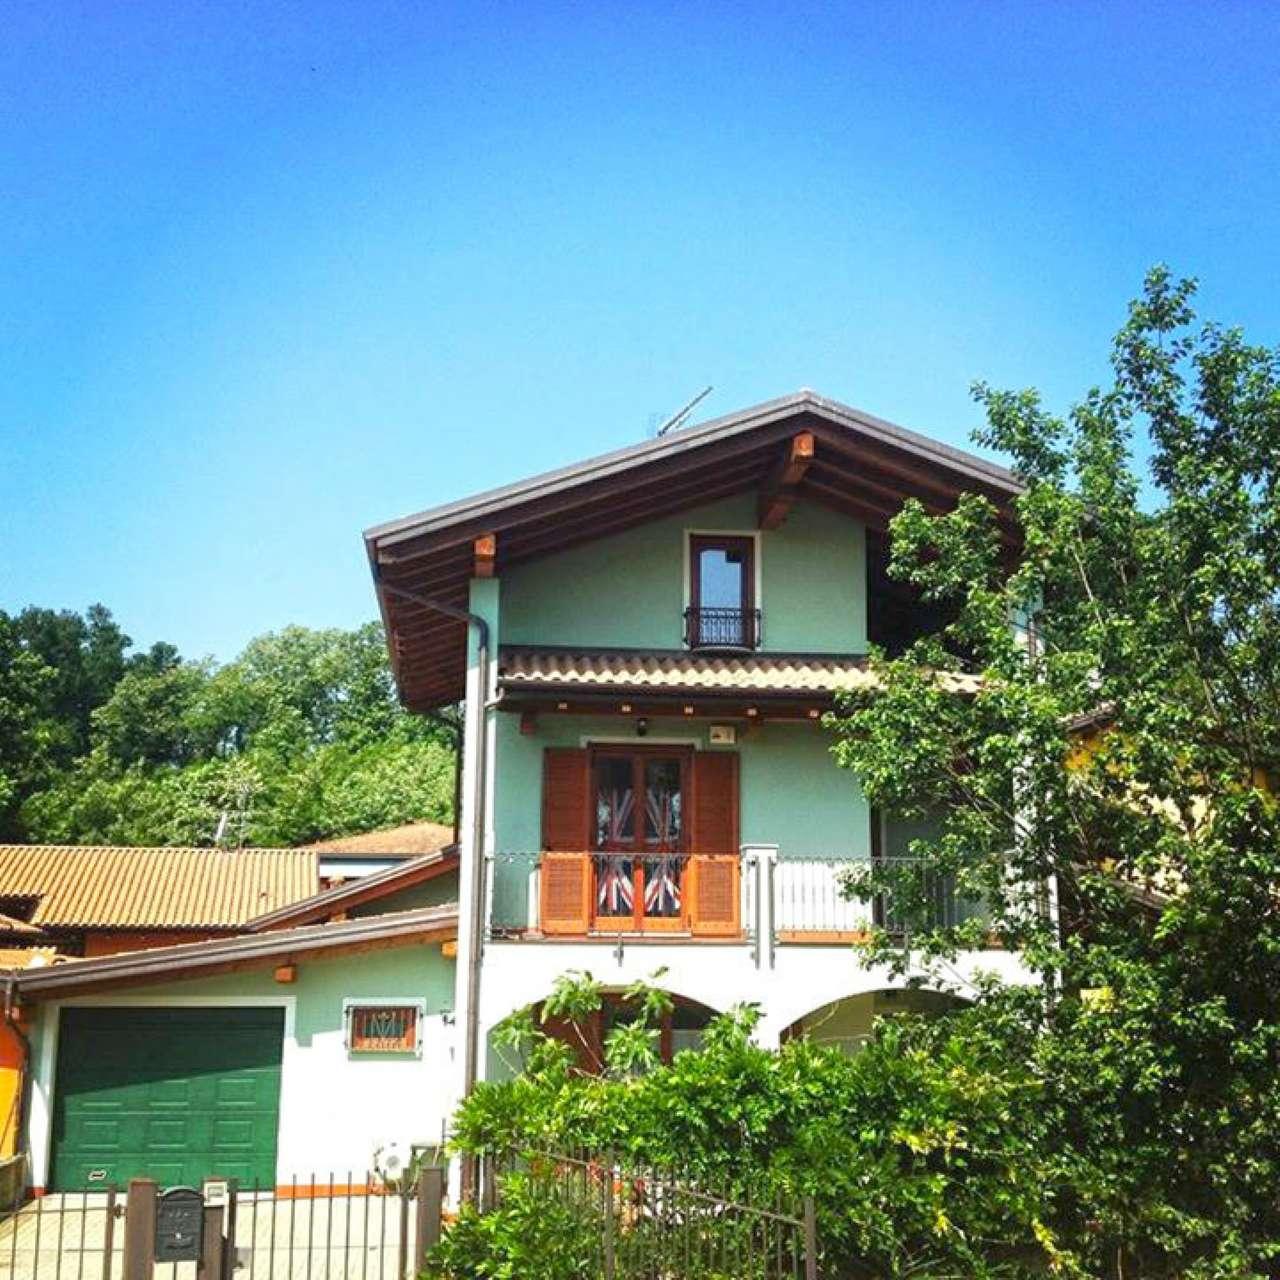 Villa in vendita a Invorio, 4 locali, prezzo € 237.000 | Cambio Casa.it